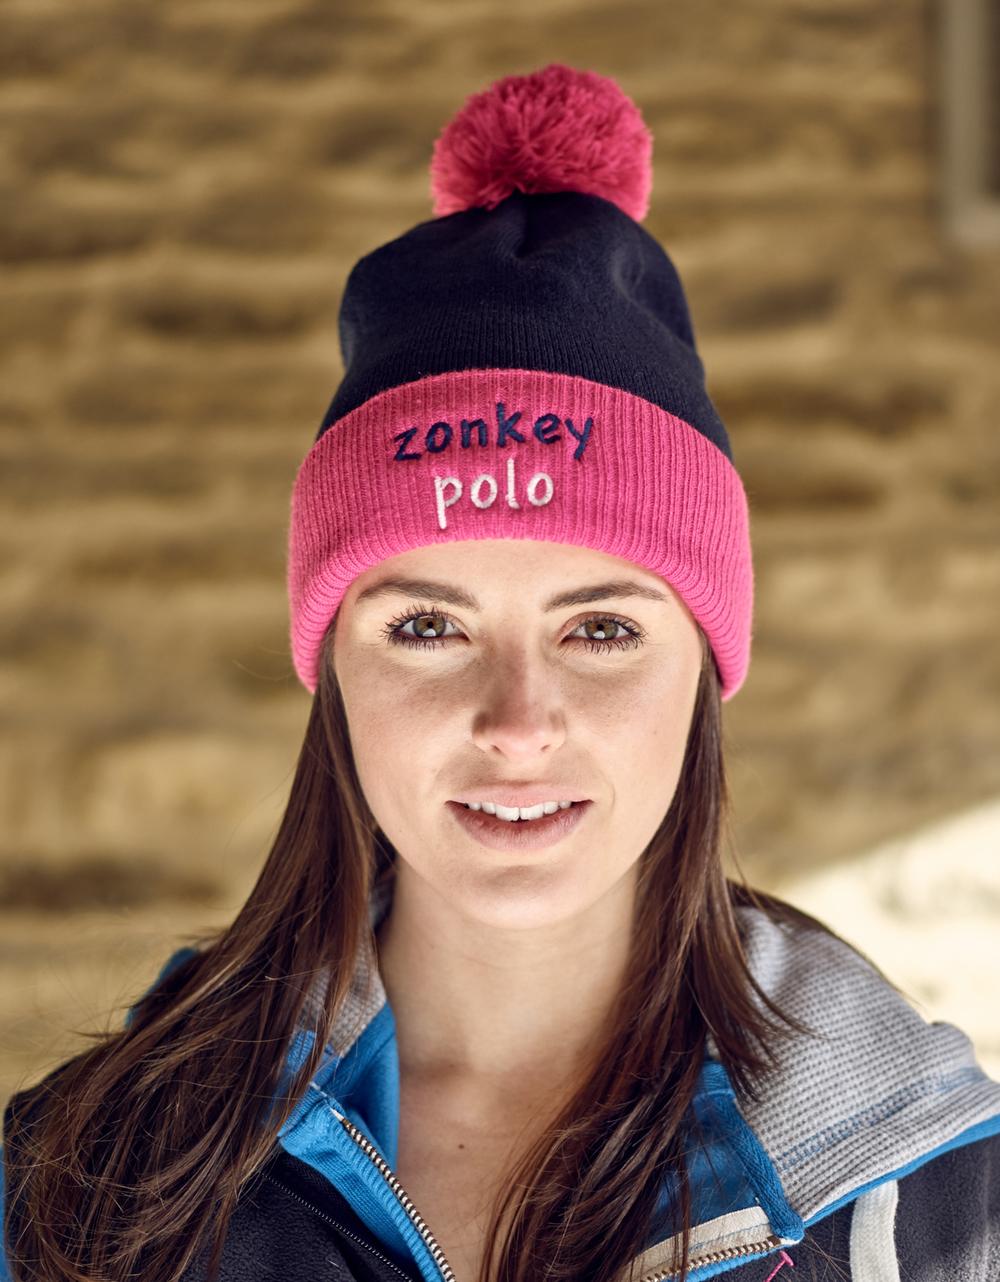 Zonkey polo Lifestyle 18.jpg